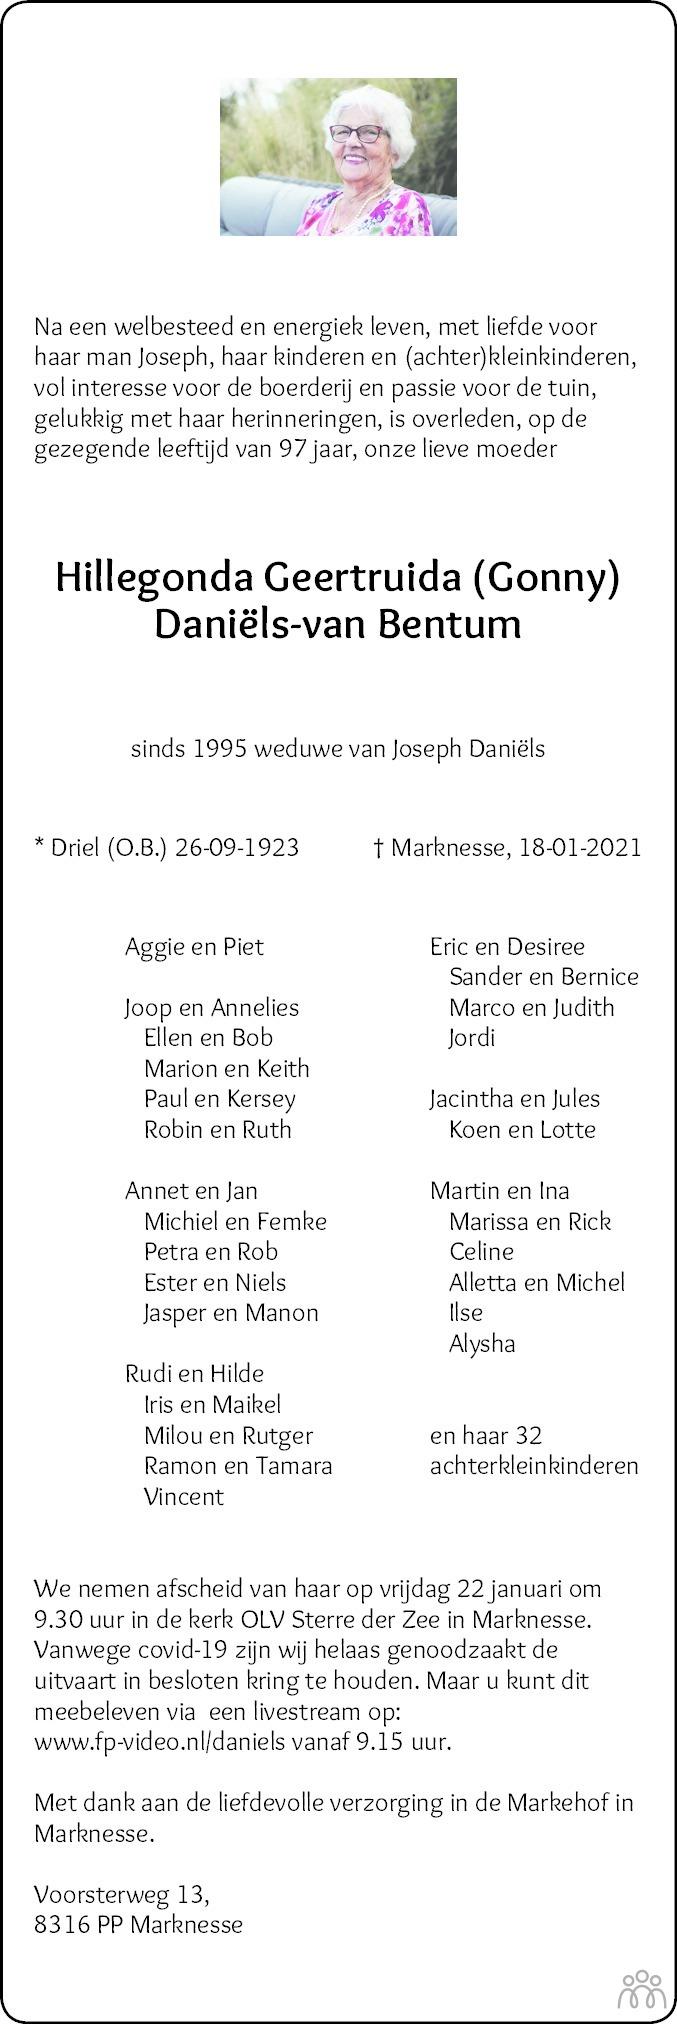 Overlijdensbericht van Hillegonda Geertruida (Gonny) Daniëls-van Bentum in Noordoostpolder